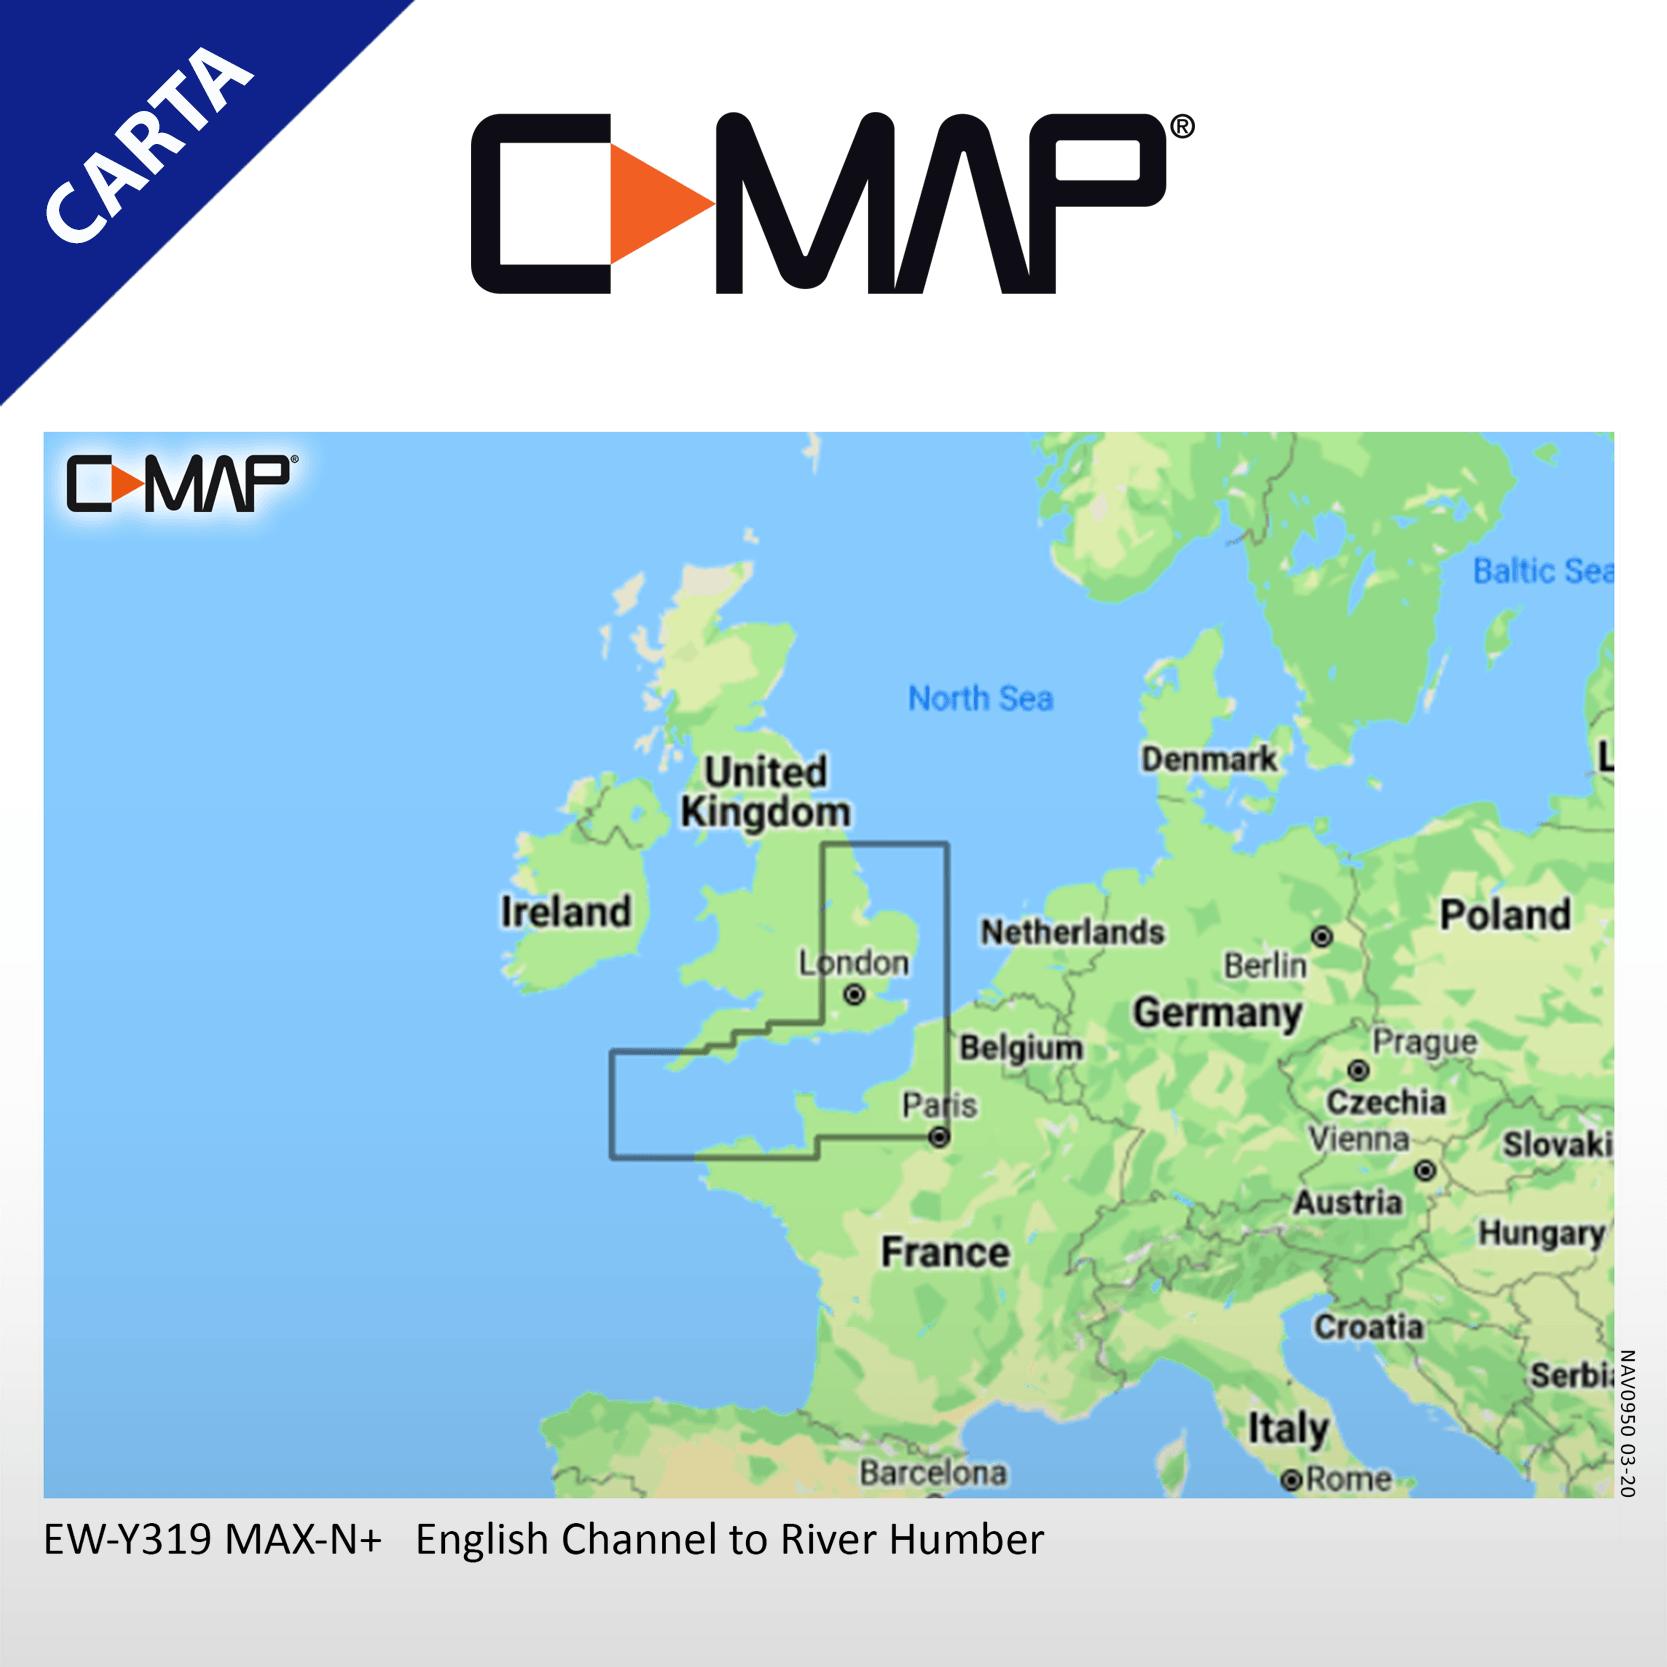 C-MAP-EW-Y319 Carta C-MAP